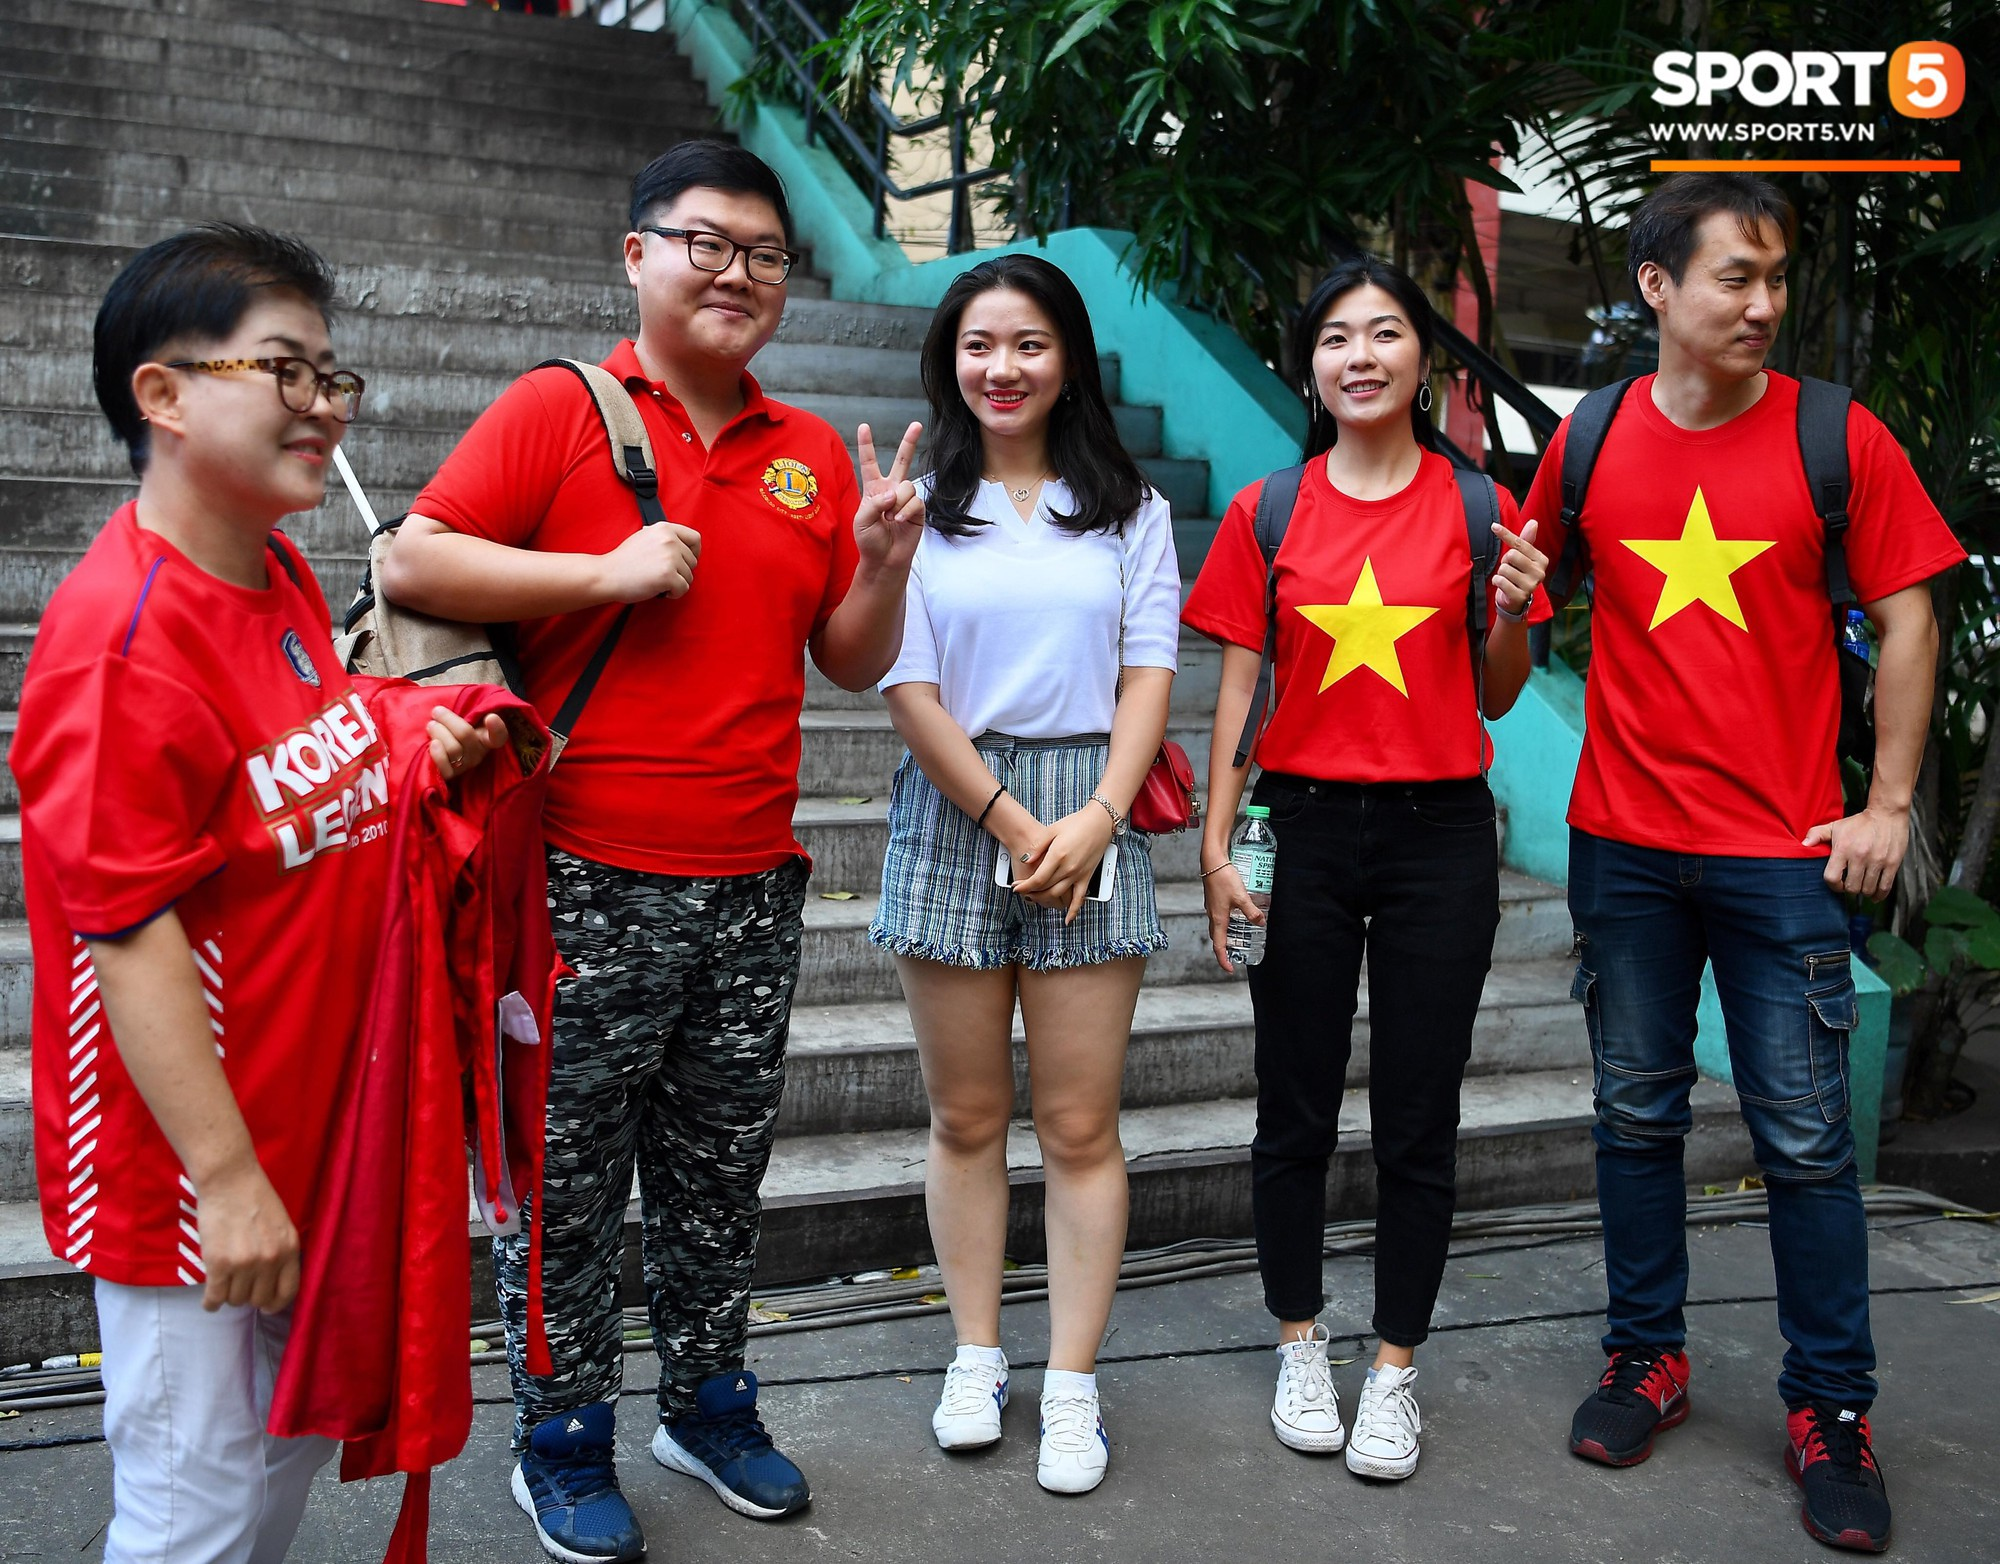 Những CĐV nữ xinh đẹp khiến trận bán kết lượt đi giữa ĐT Việt Nam - Philippines trở nên sôi động hơn bao giờ hết-2